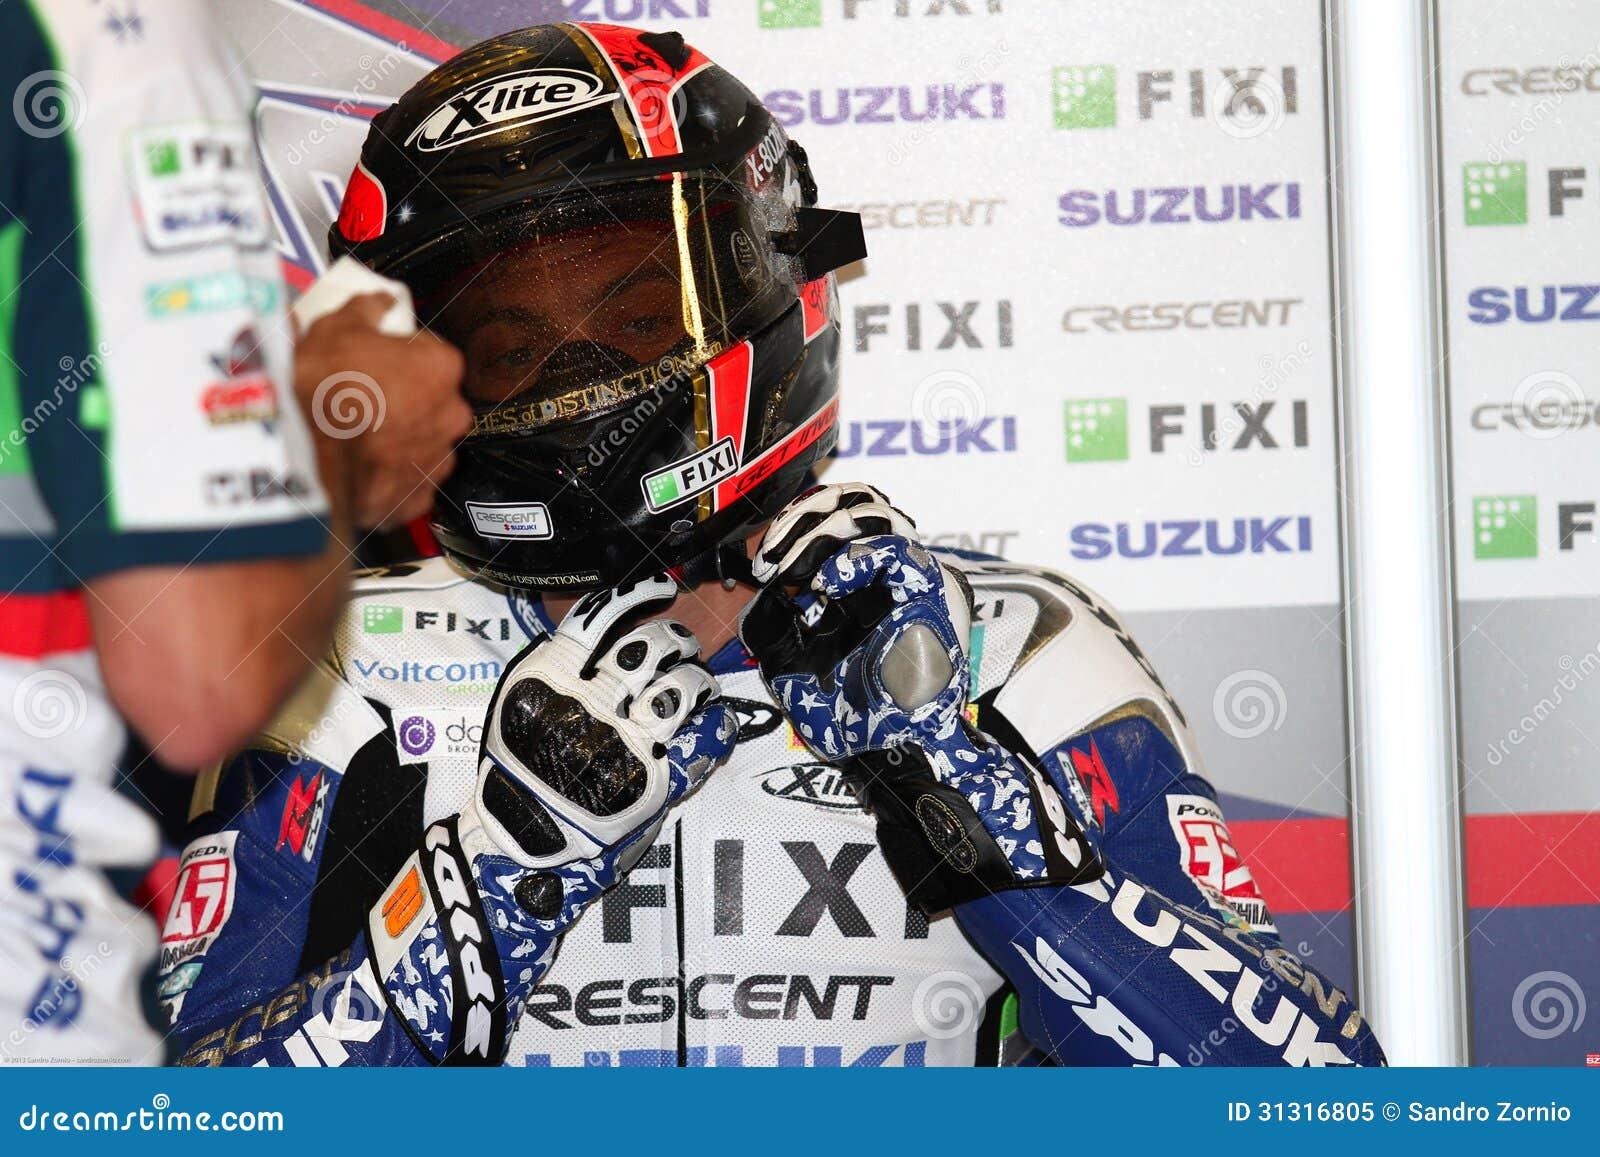 Leon Camier #2 on Suzuki GSX-R1000 Team Fixi Crescent Suzuki Superbike WSBK